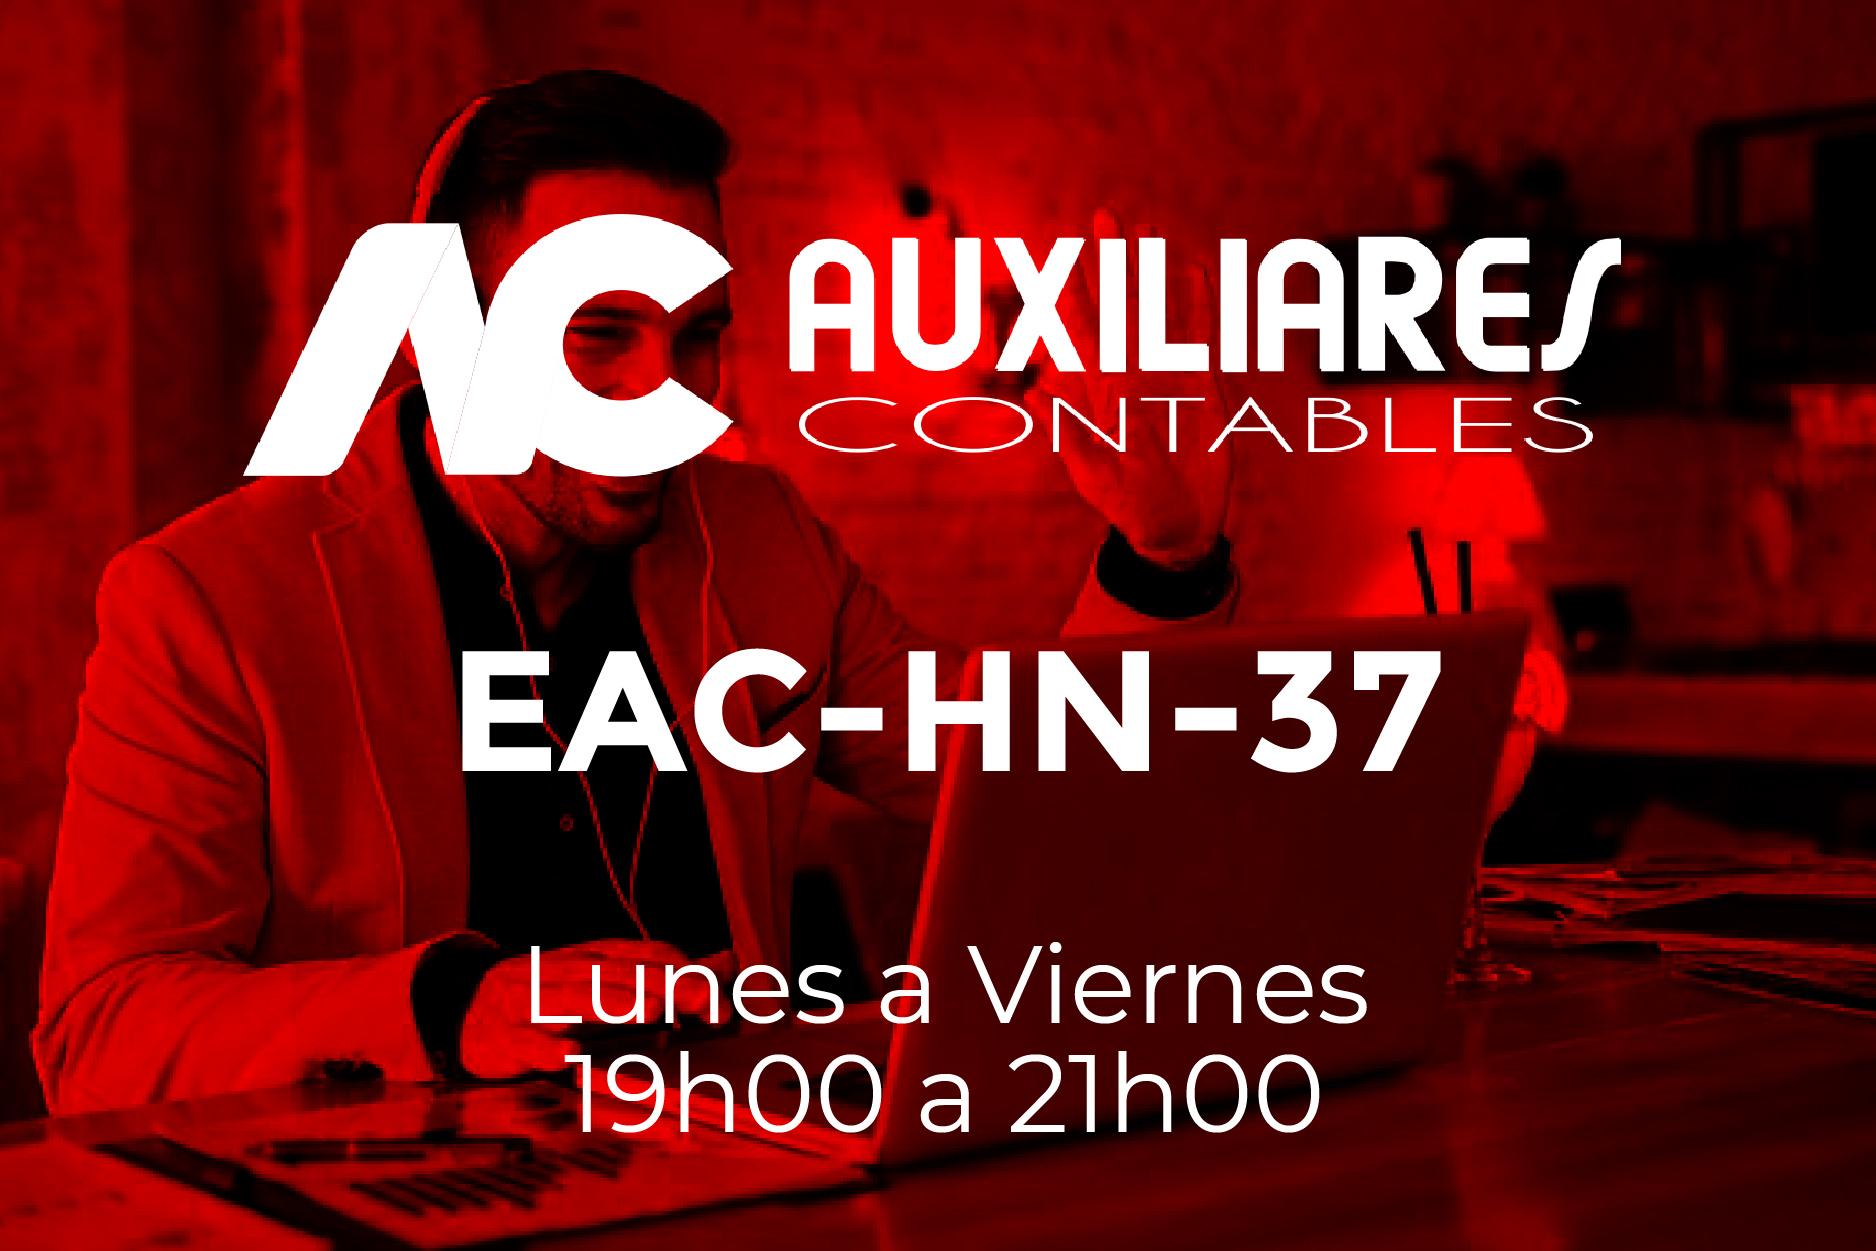 37 - AUXILIARES CONTABLES - LUNES A VIERNES - 19:00 A 21:00